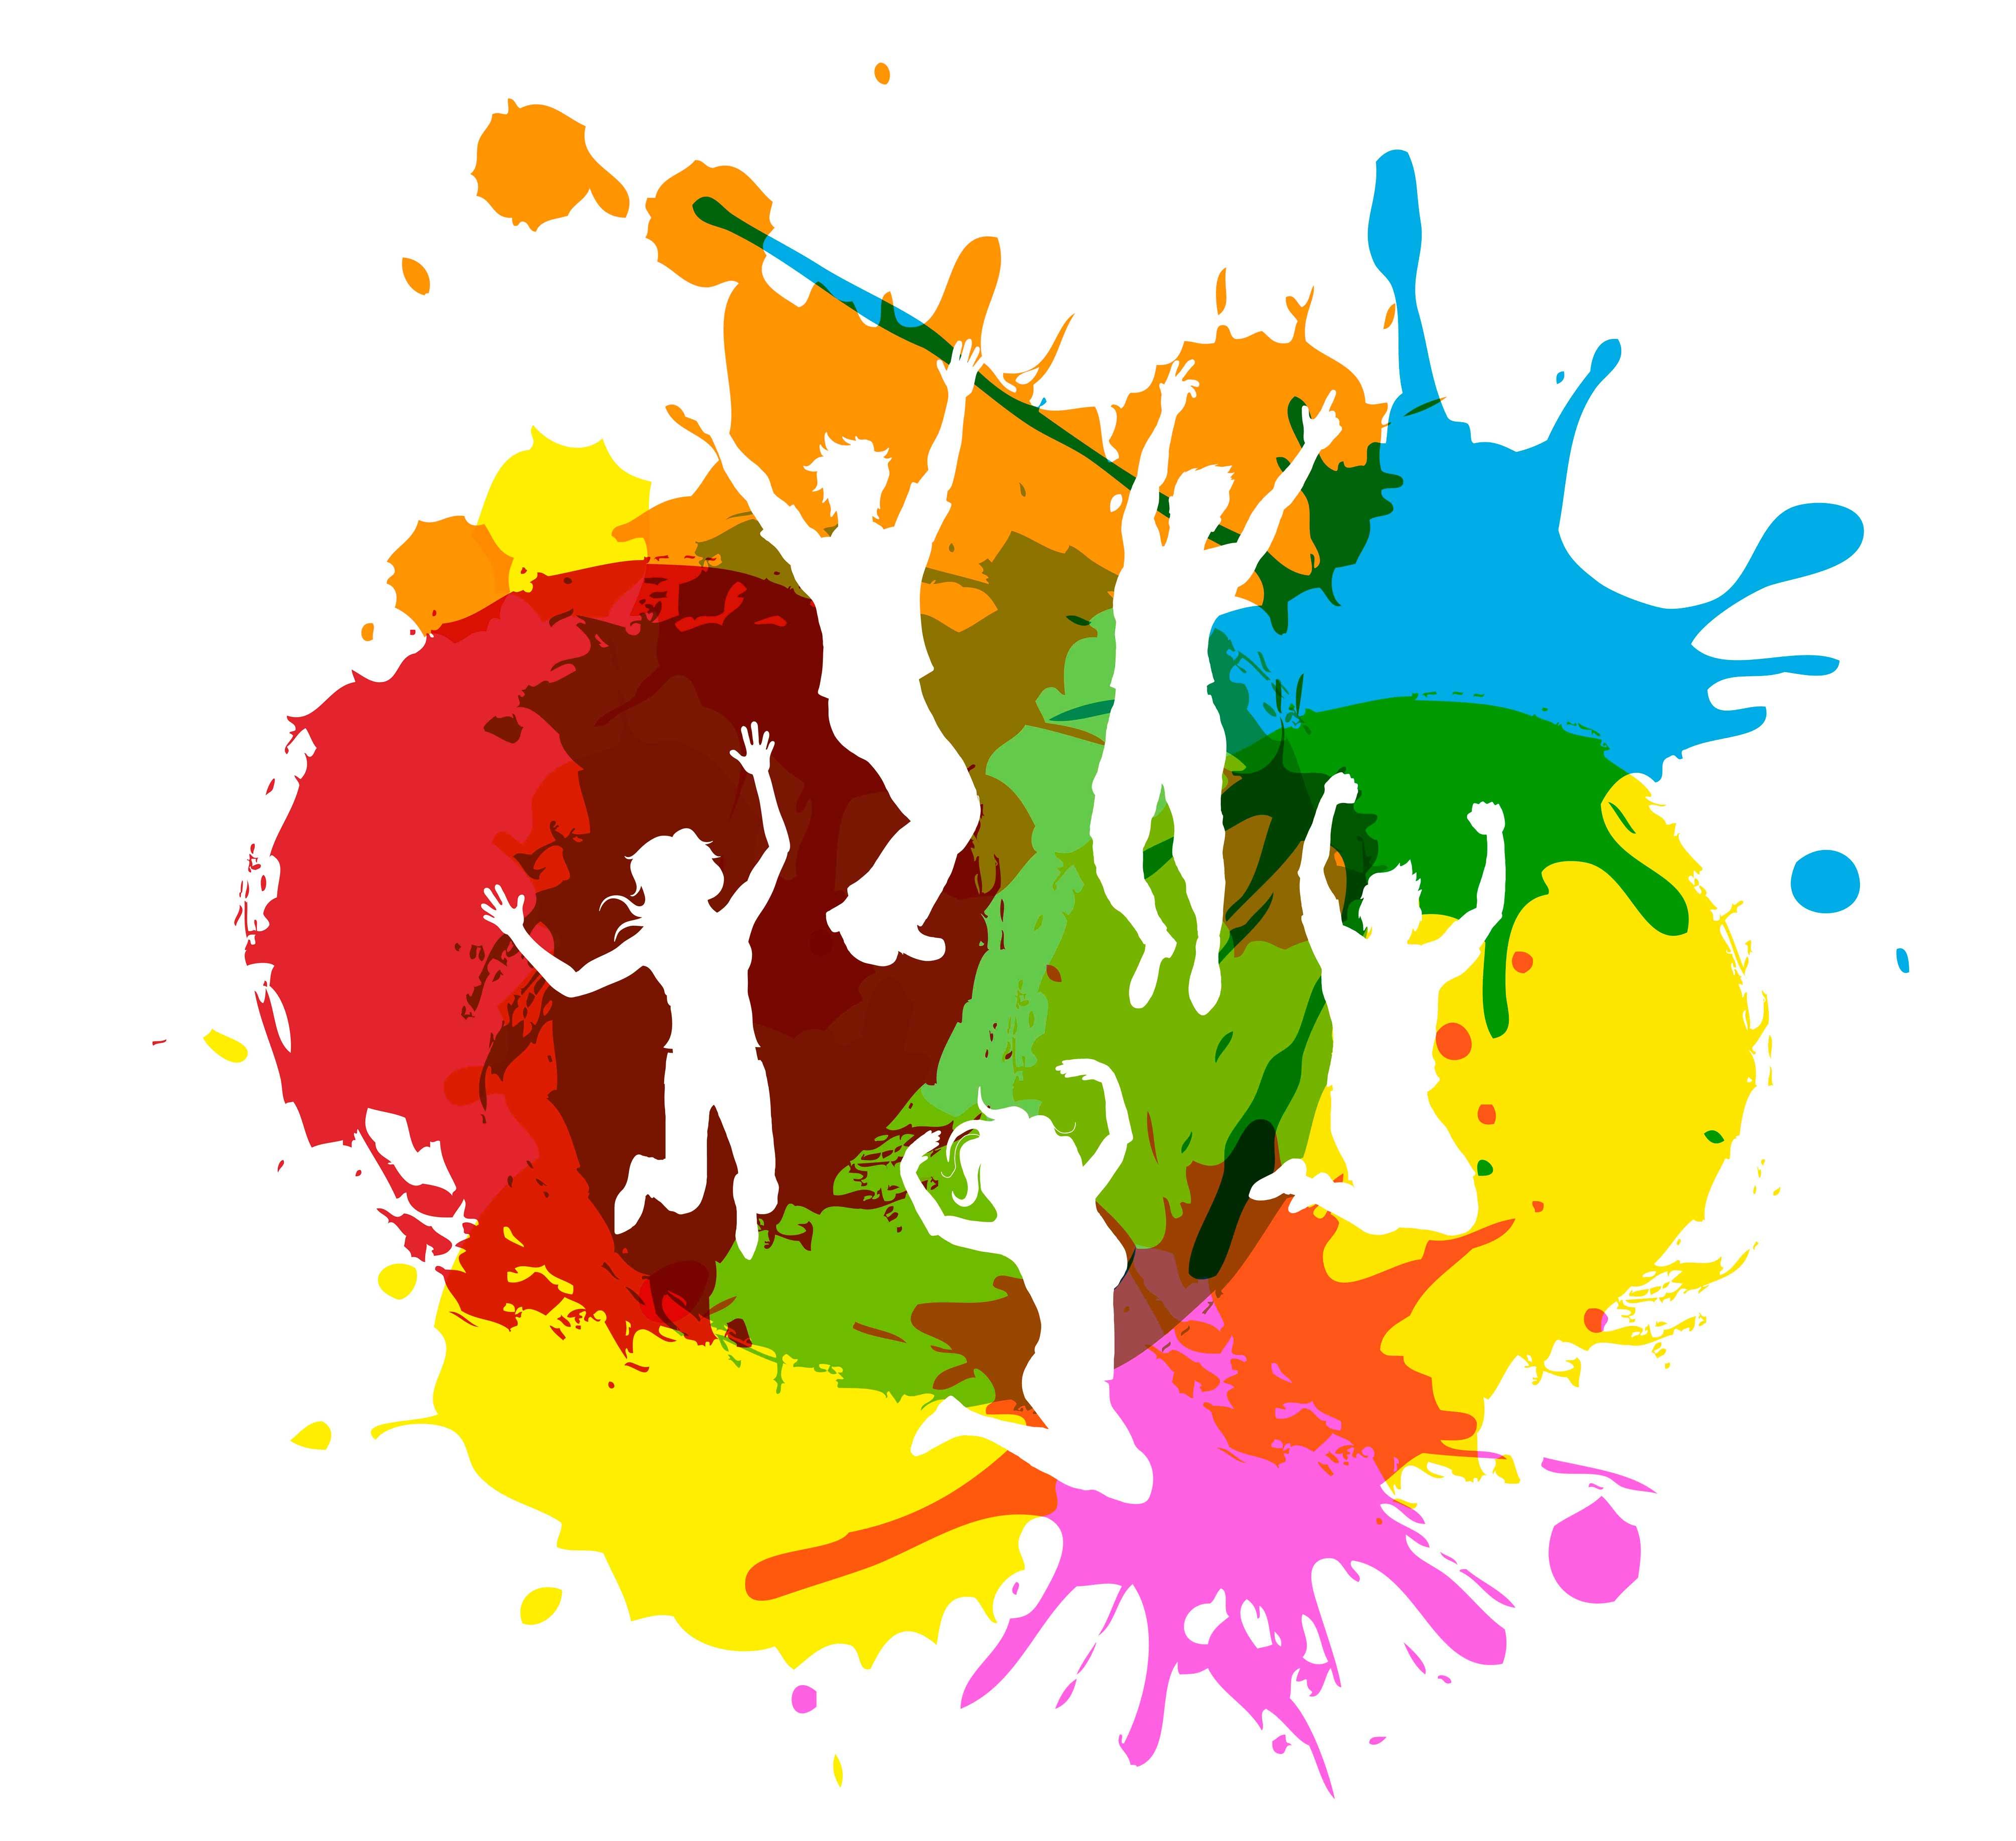 Semana Nacional de Salud de la Adolescencia 2018, ¡participa! Se acerca la  fecha de arranque de la nueva edición   Centro Nacional para la Salud de la  Infancia y Adolescencia   Gobierno   gob.mx